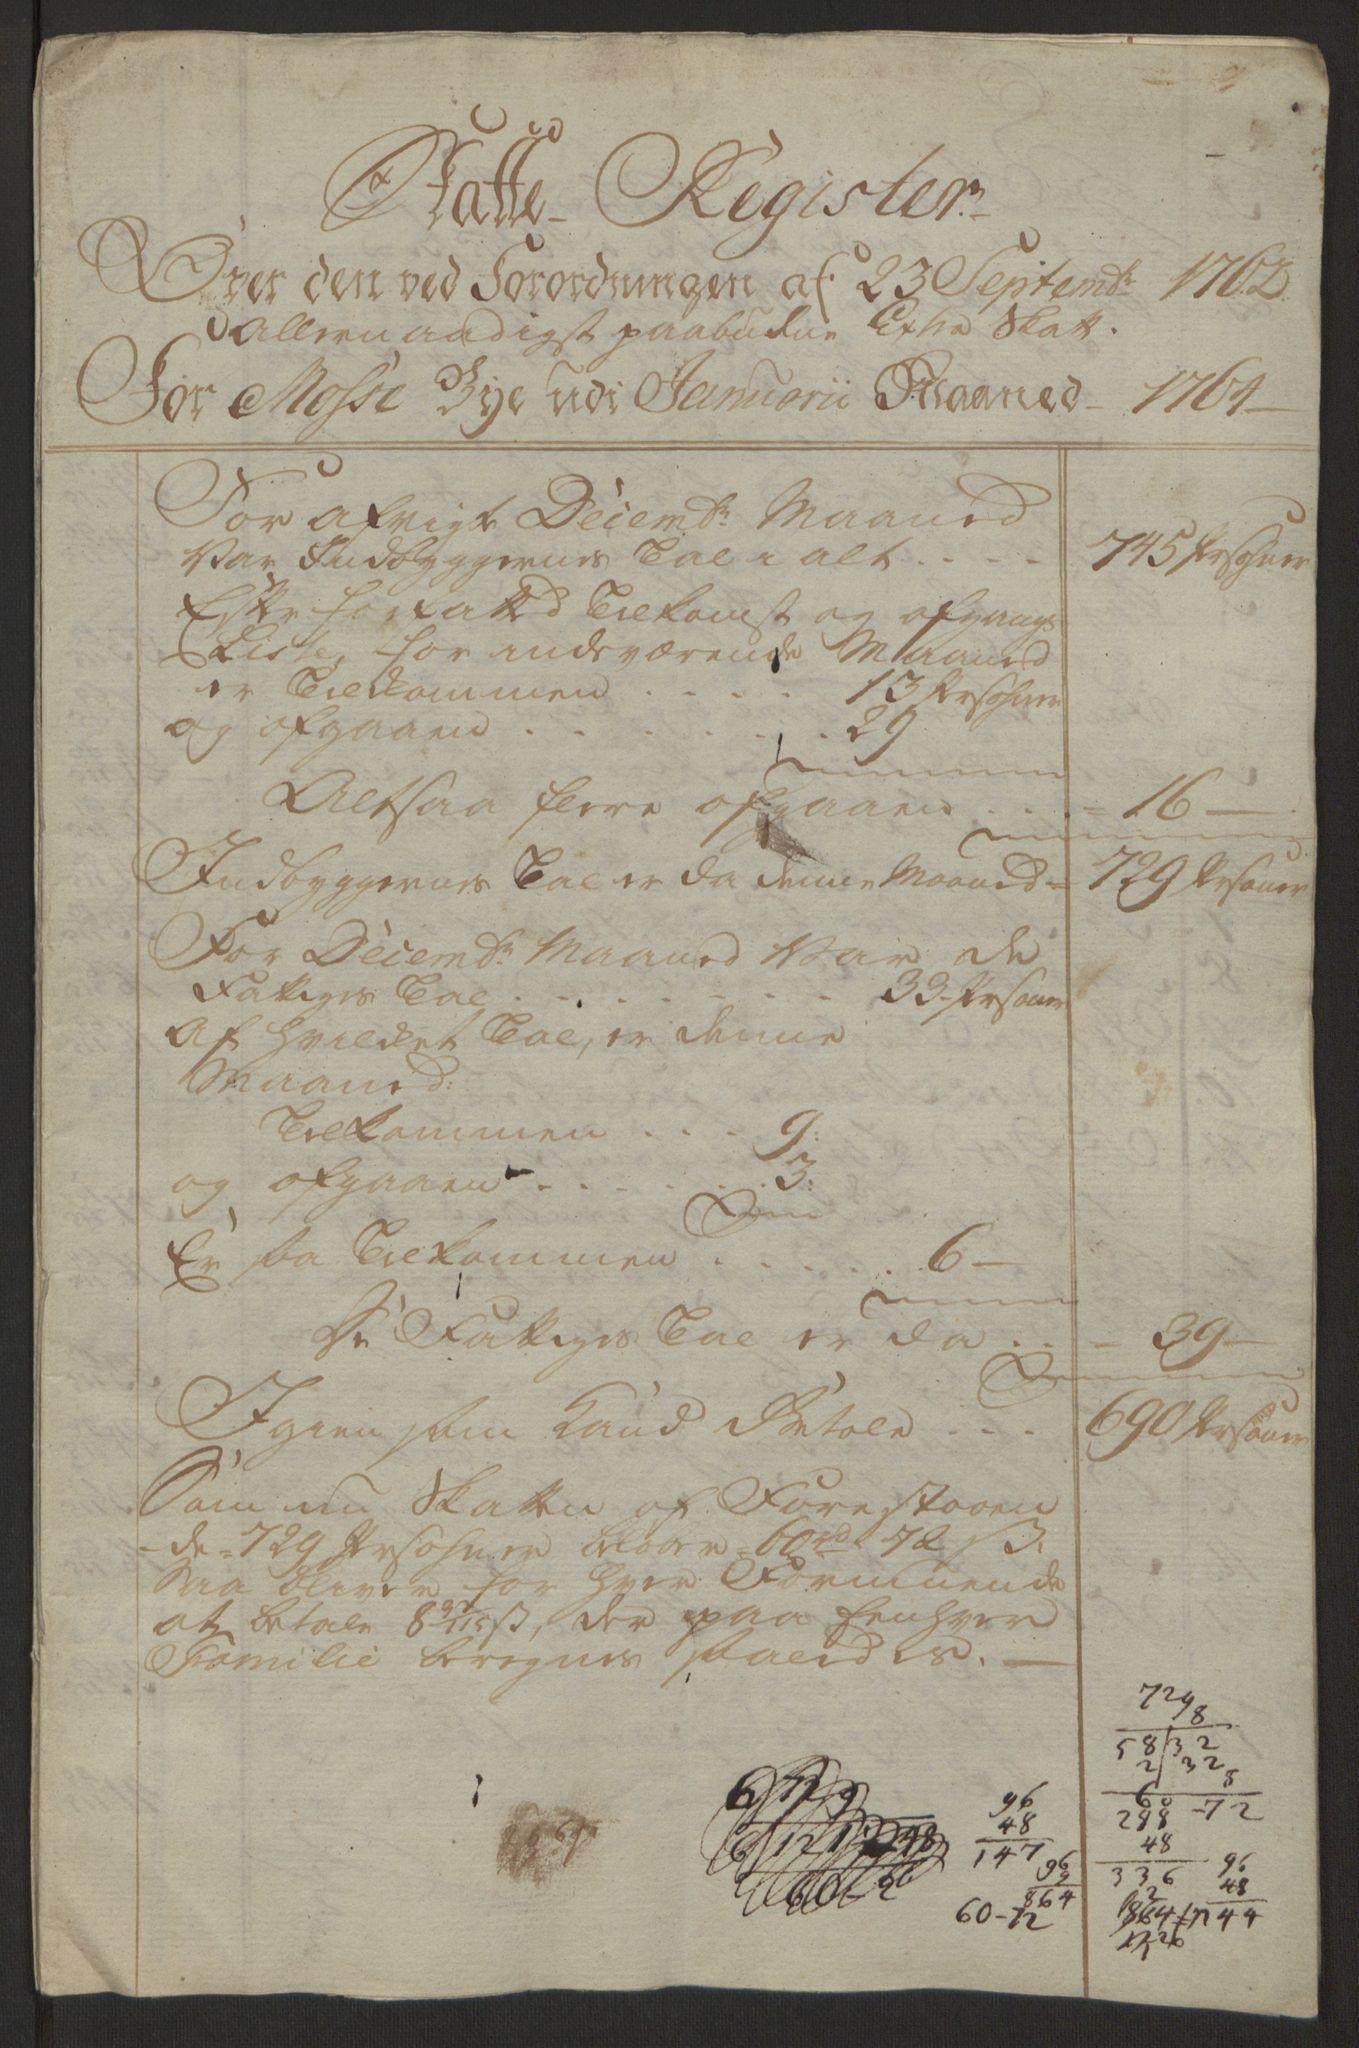 RA, Rentekammeret inntil 1814, Reviderte regnskaper, Byregnskaper, R/Rc/L0042: [C1] Kontribusjonsregnskap, 1762-1765, s. 172